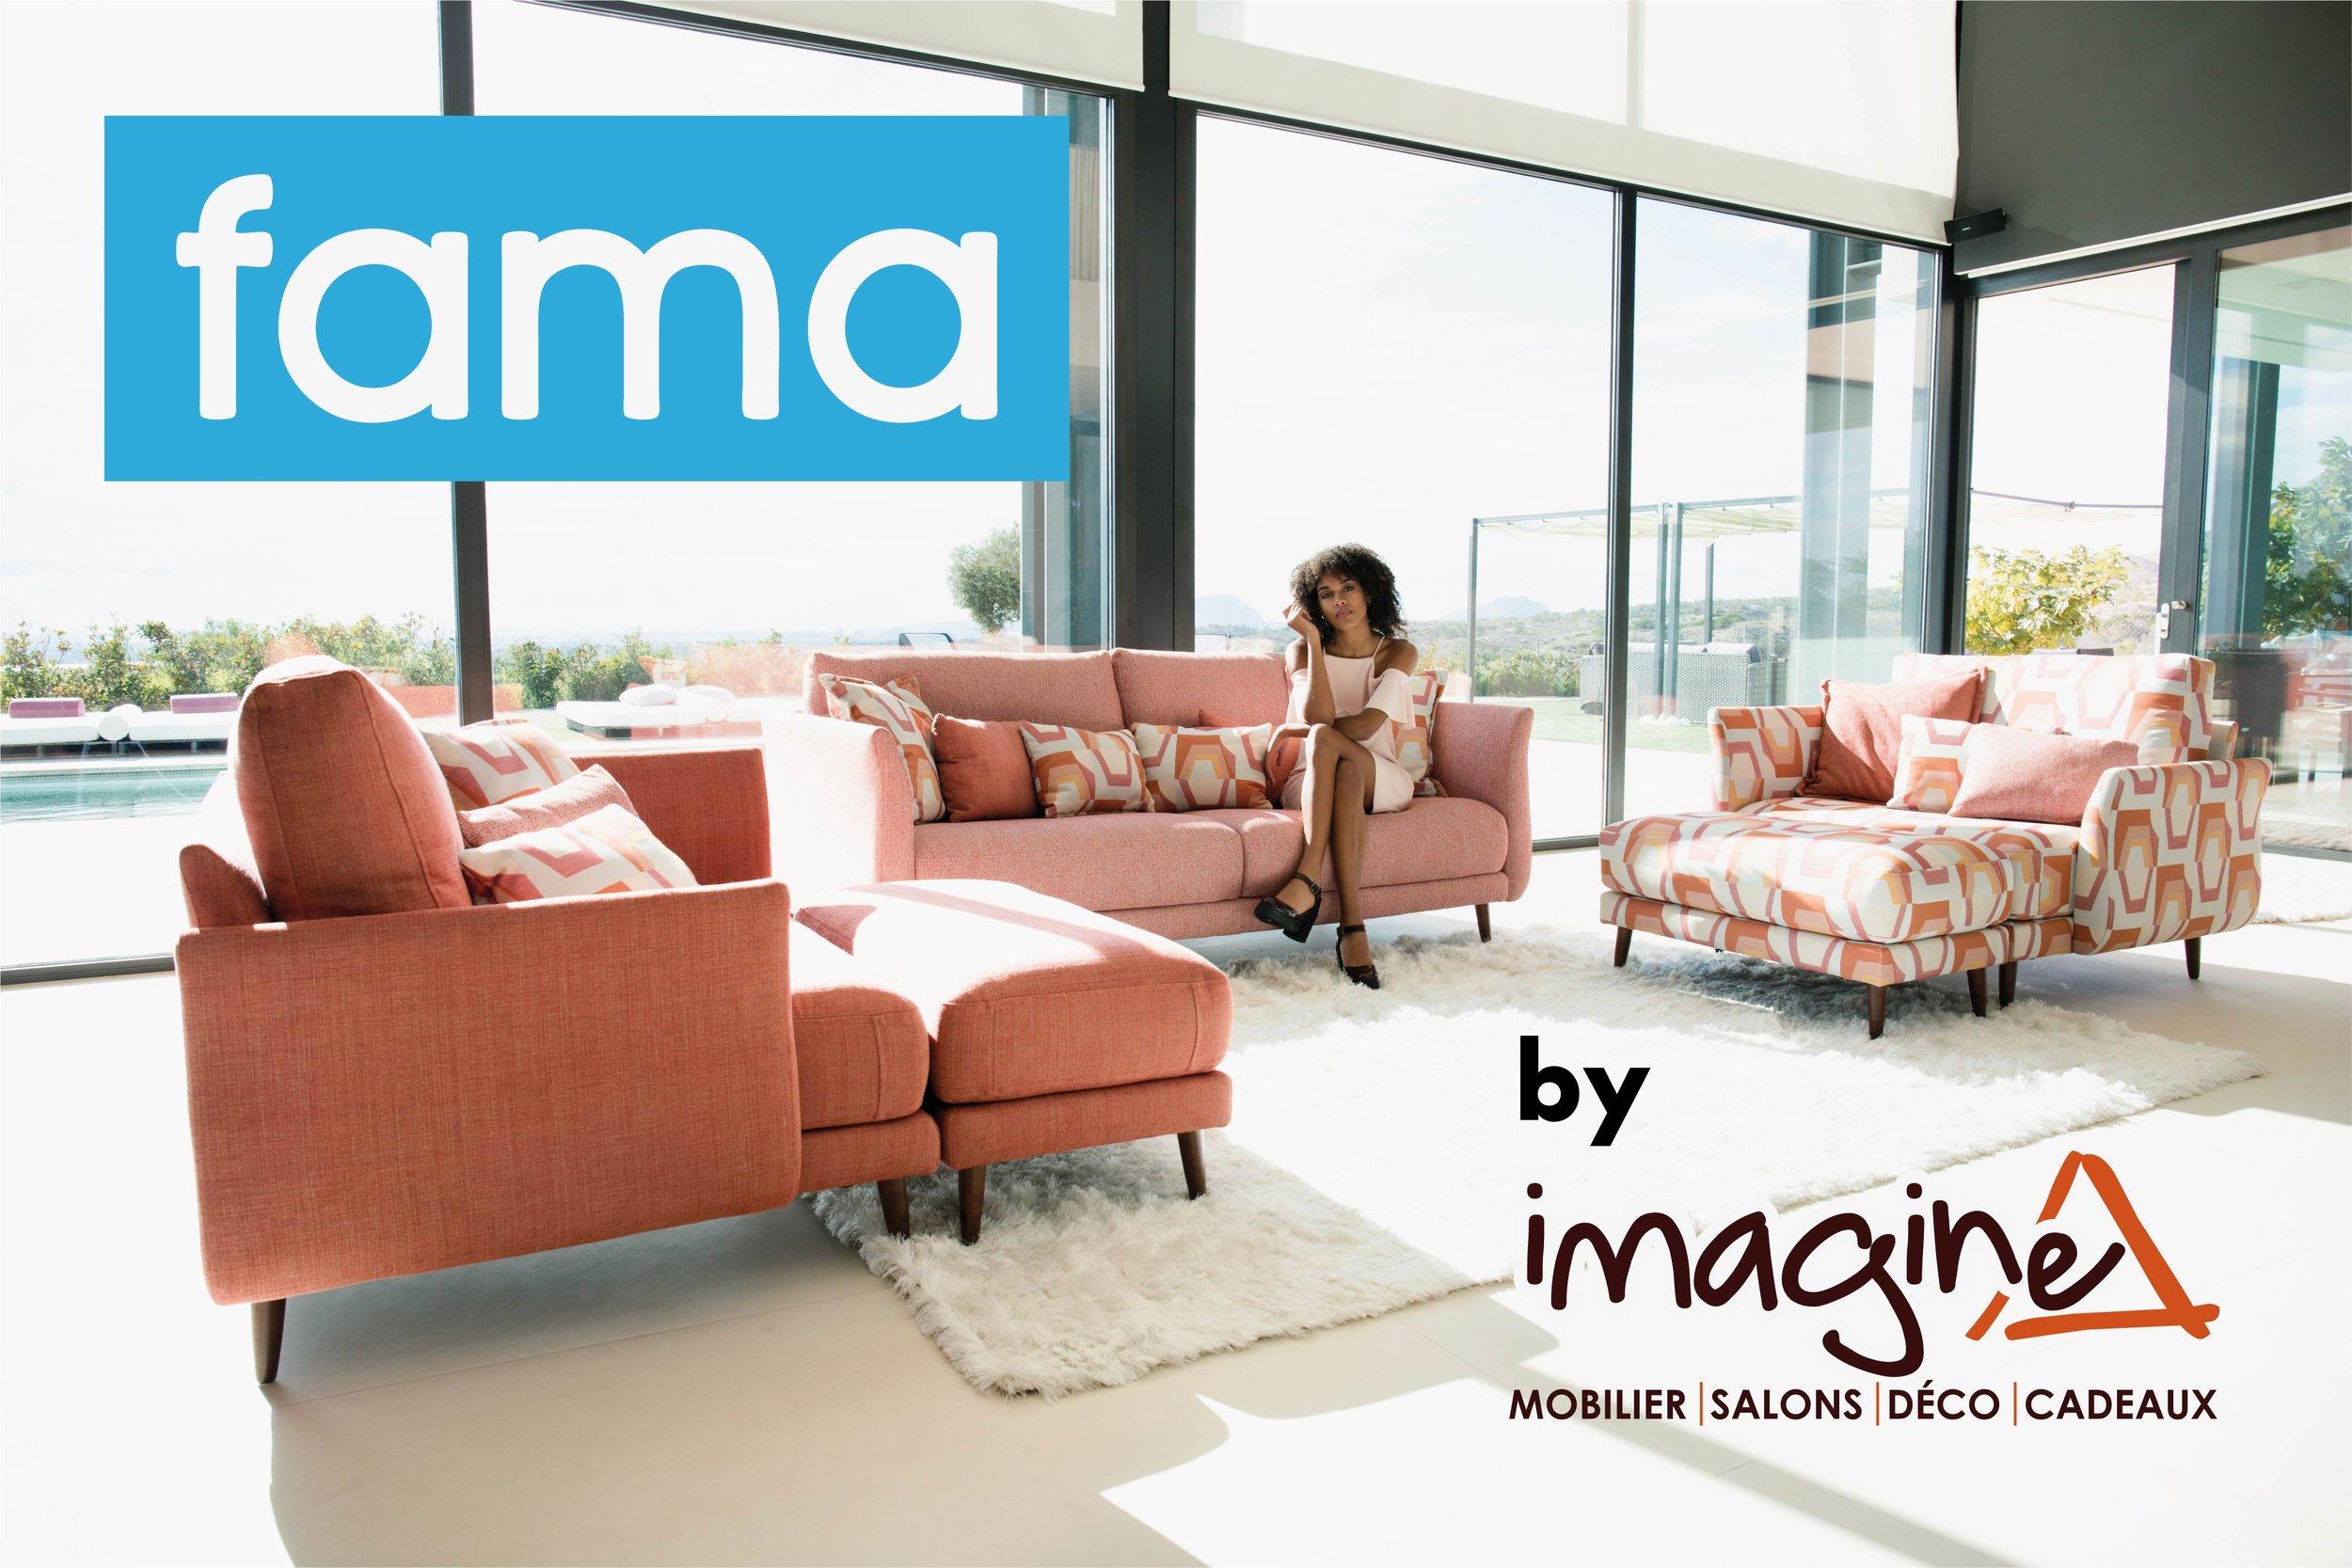 Imagine Fama Accaplast 150x100 cm.jpg